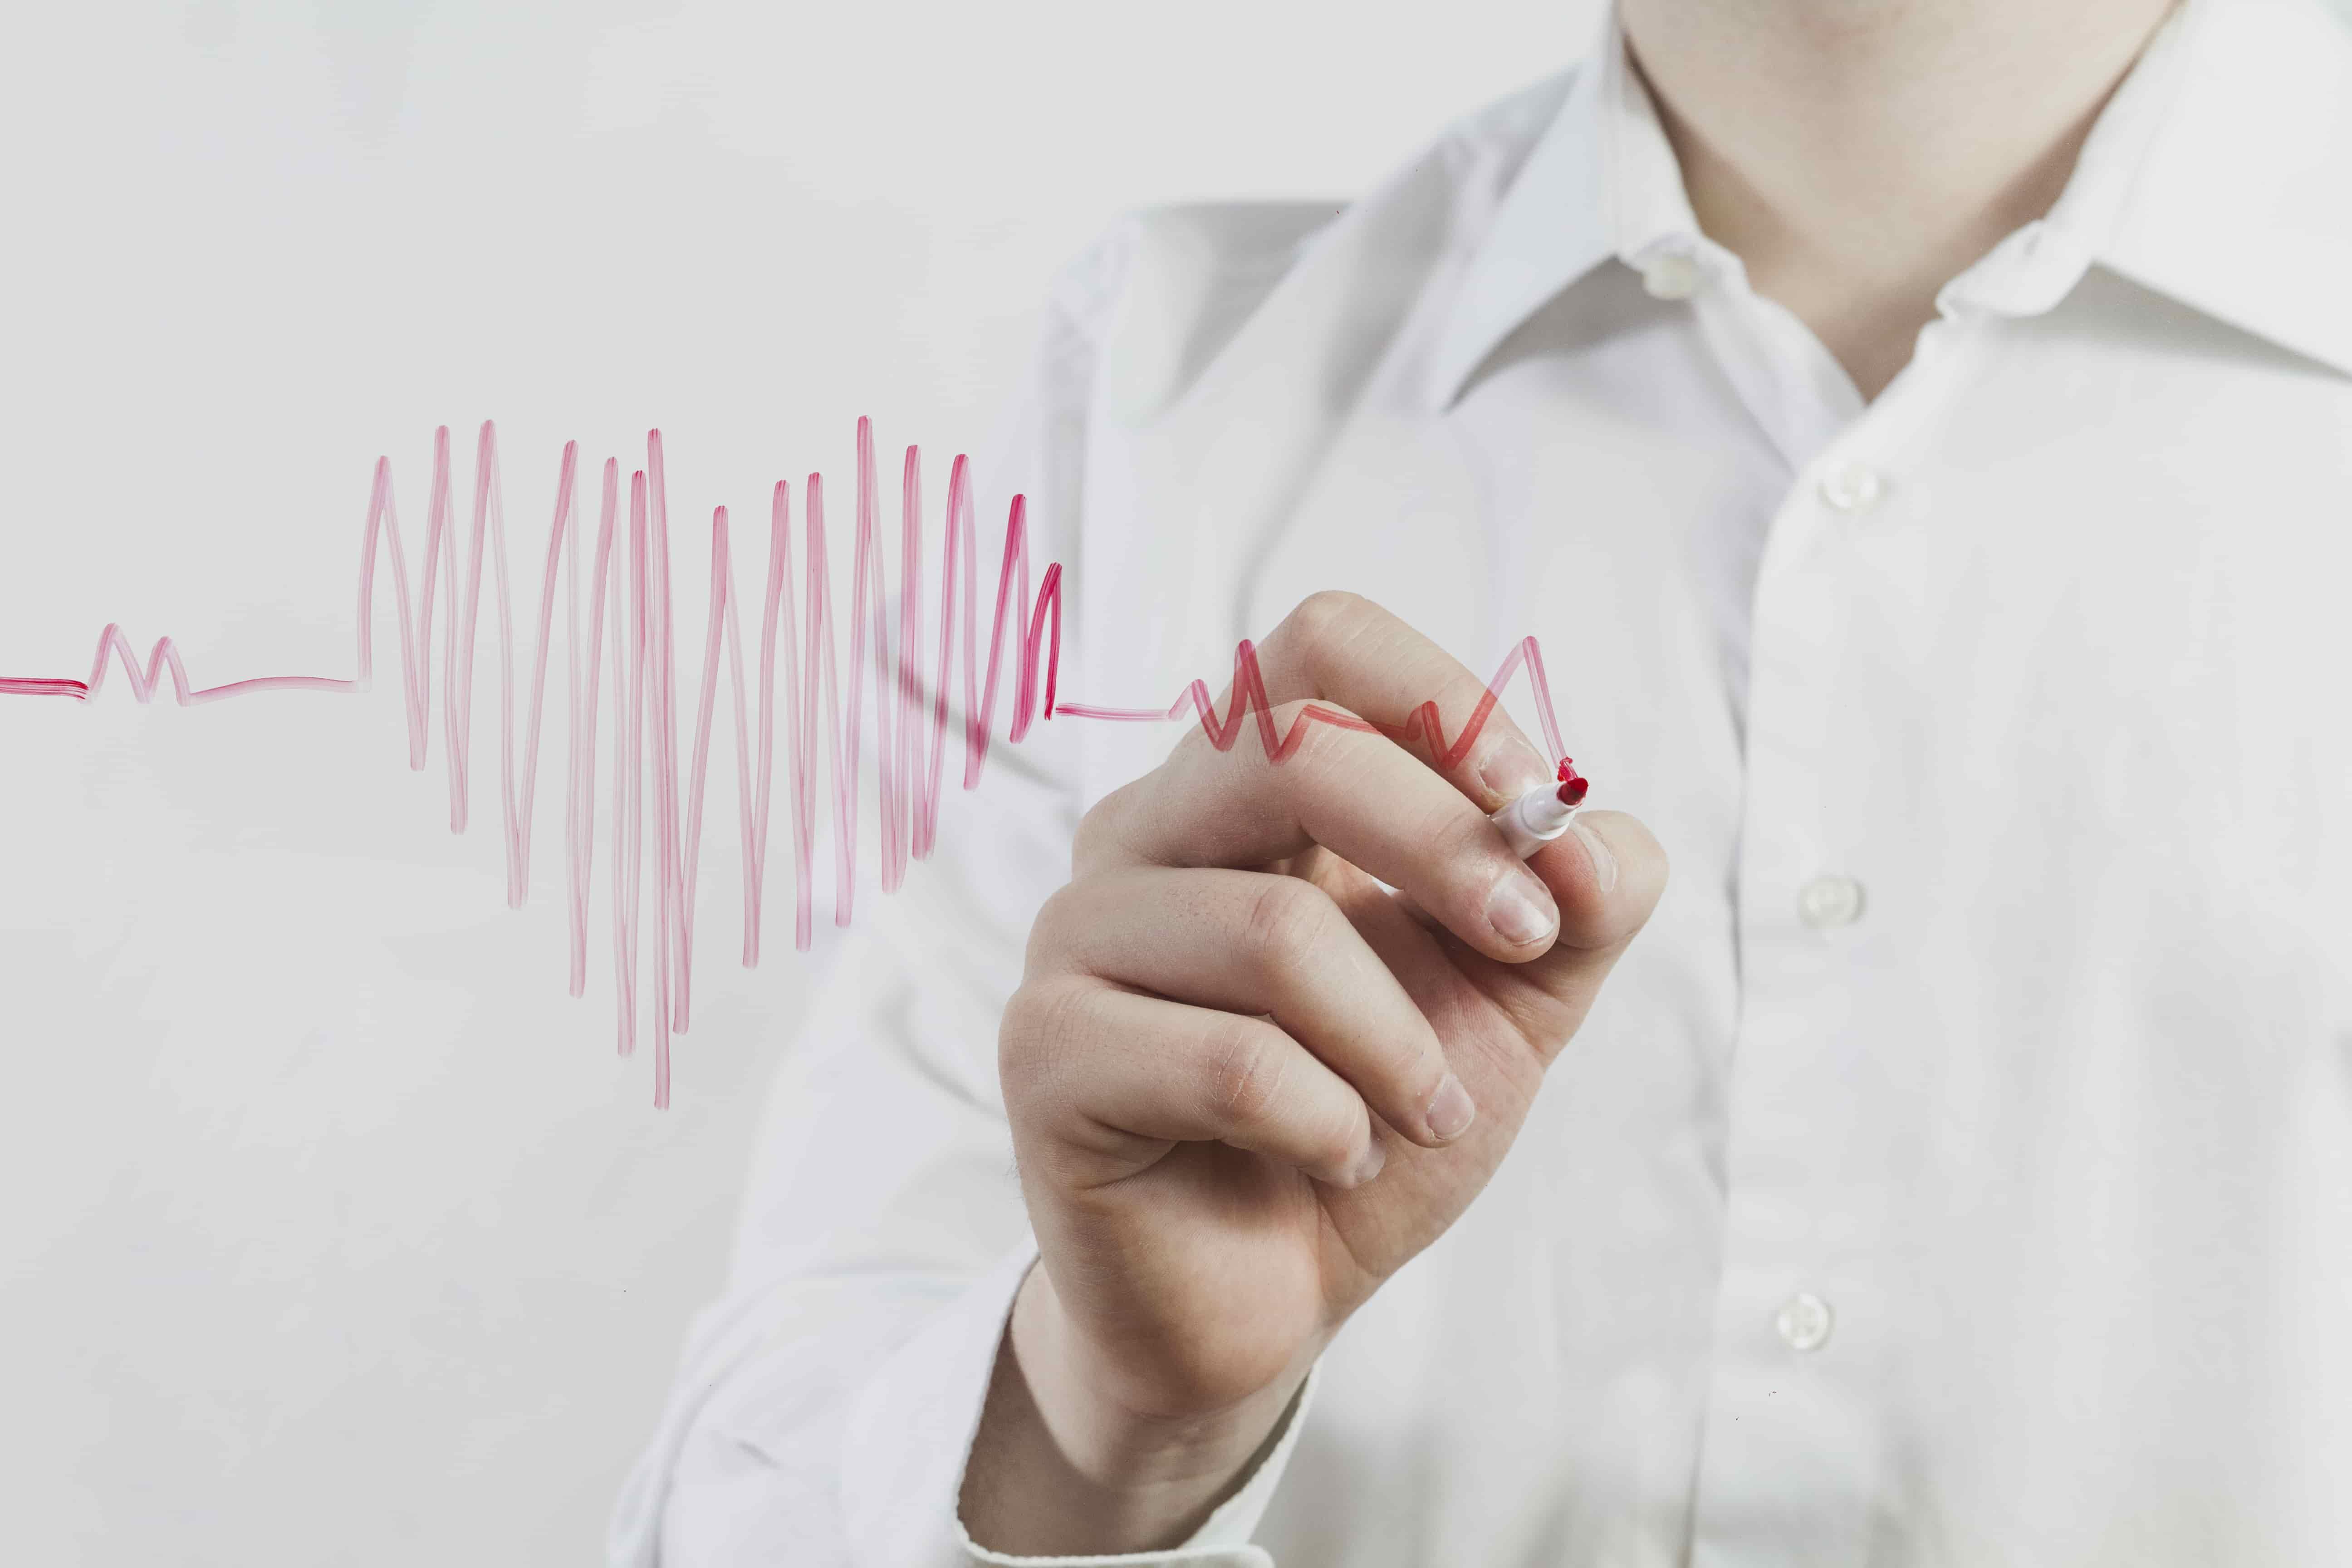 Как часто стоит ходить на профилактическое УЗИ сердца?